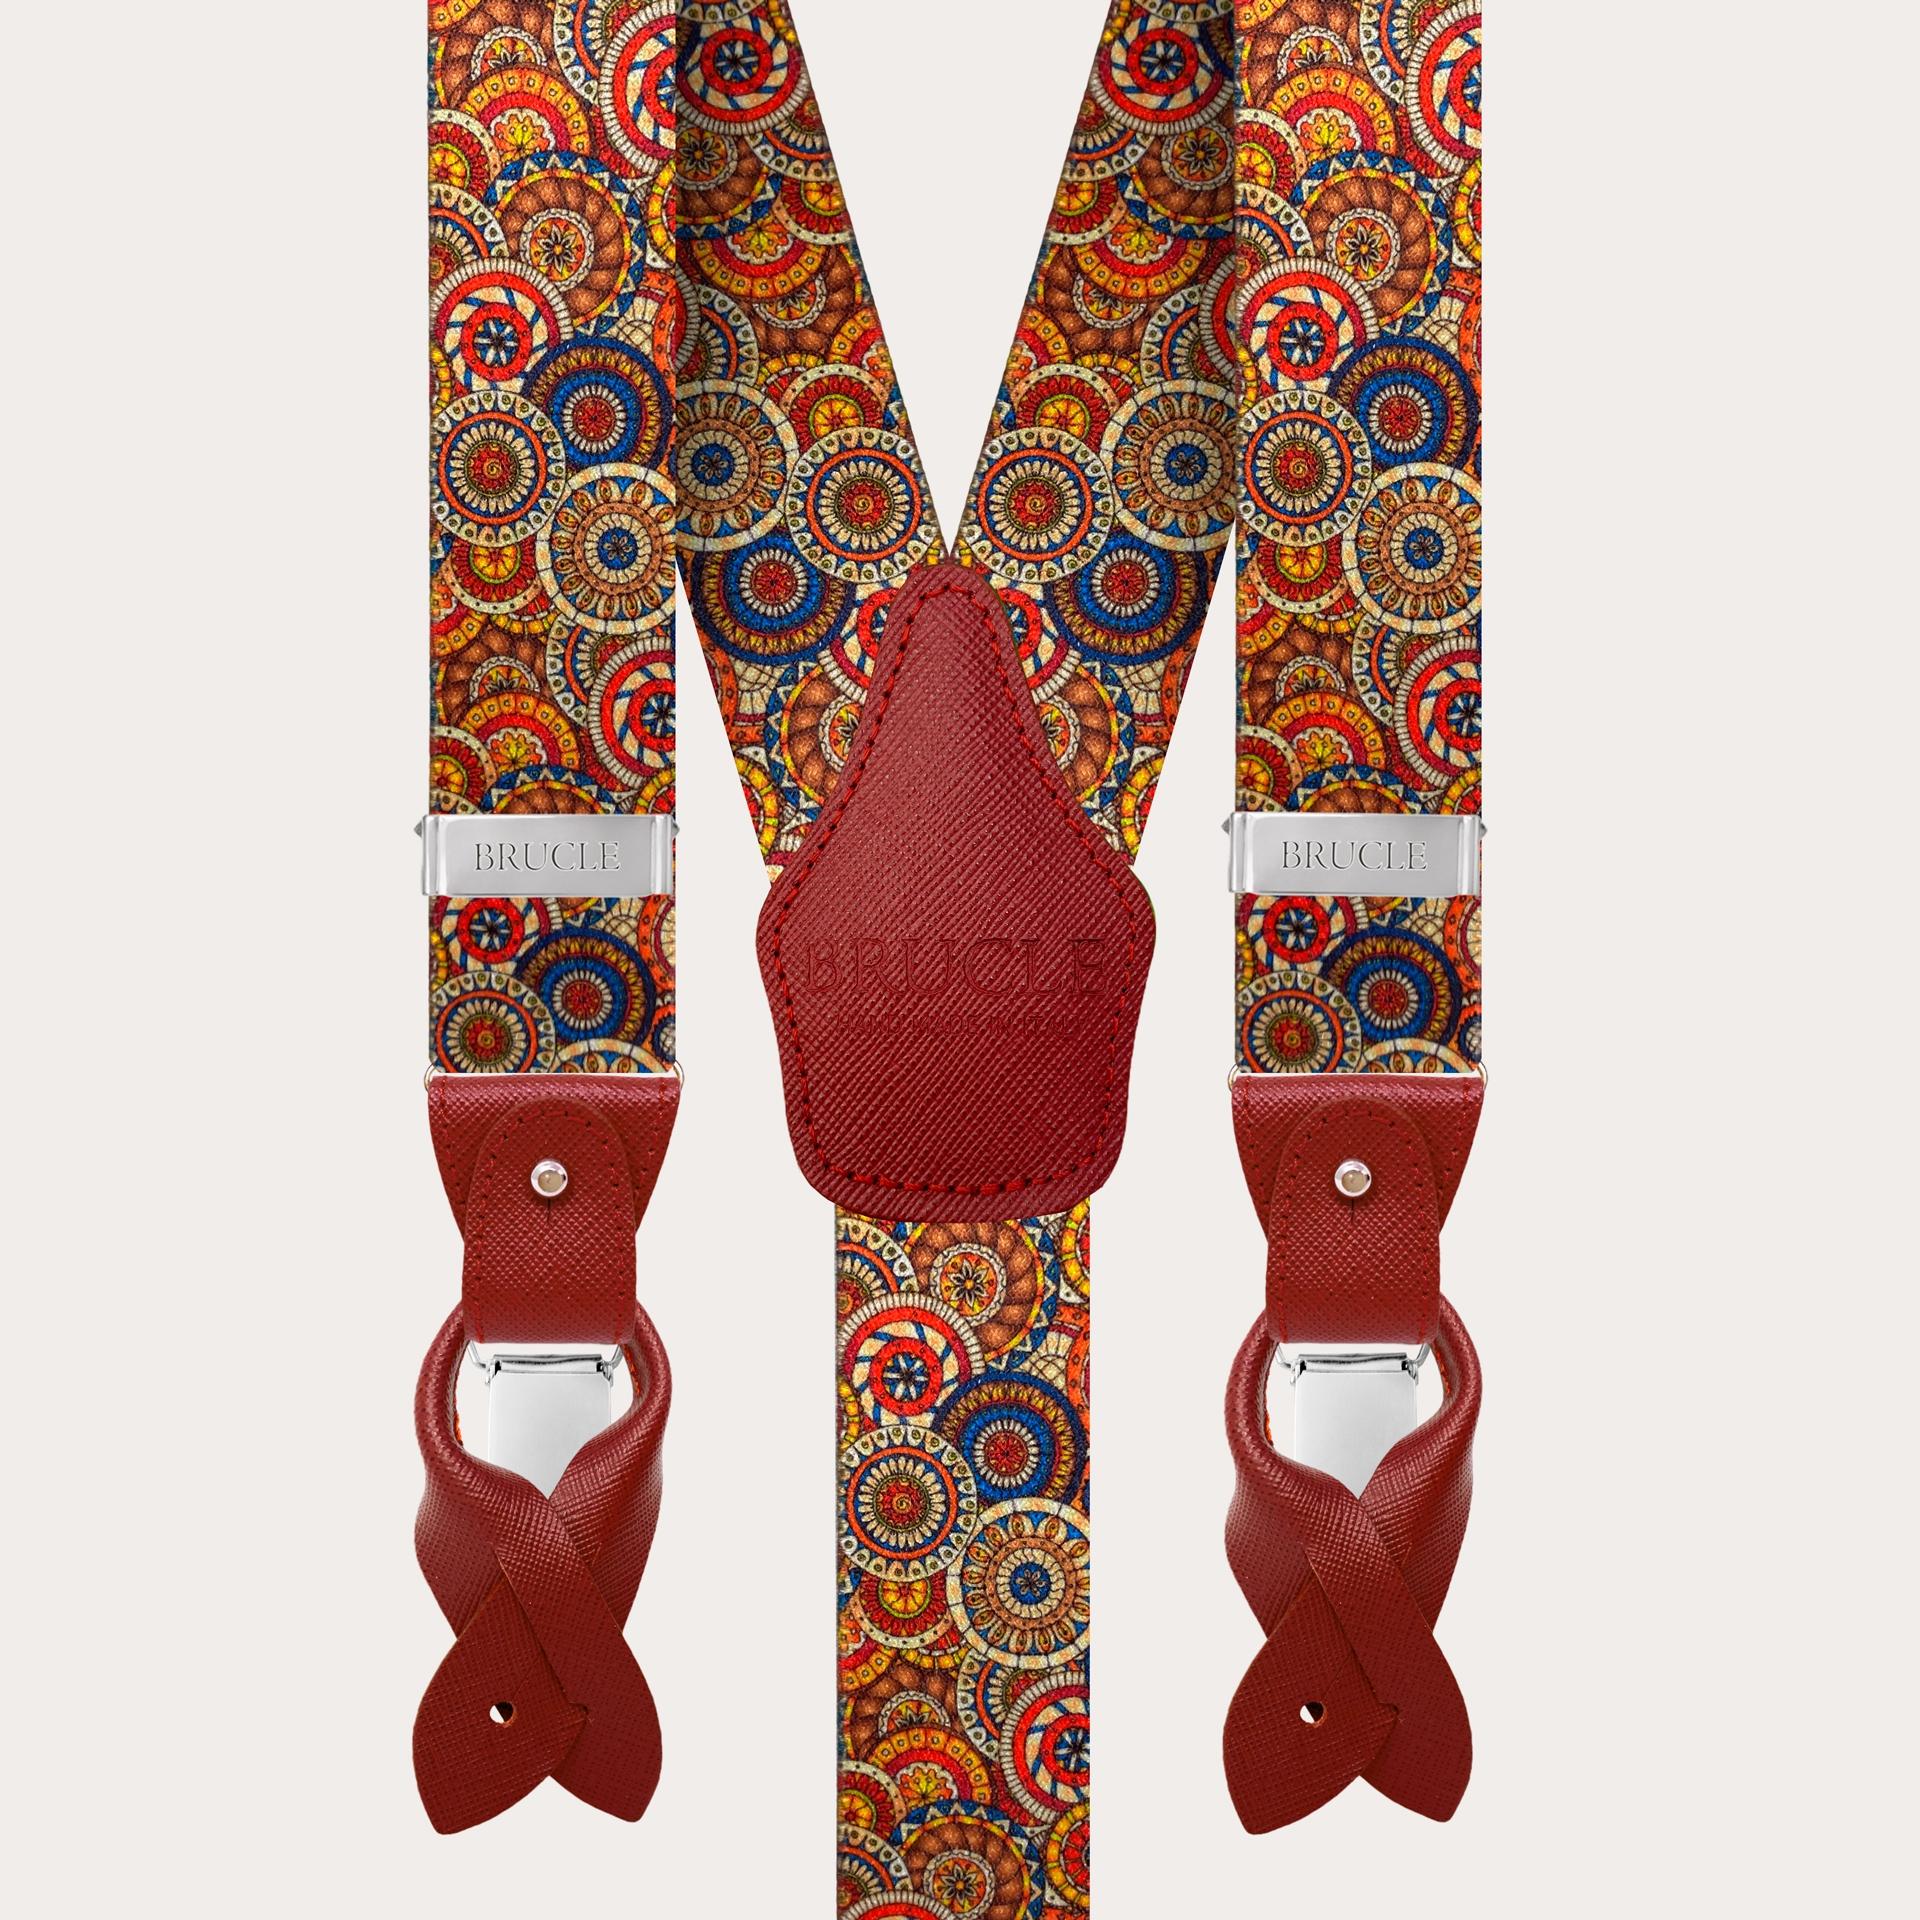 BRUCLE Bretelle elastiche doppio uso, fantasia geometrica ad anelli